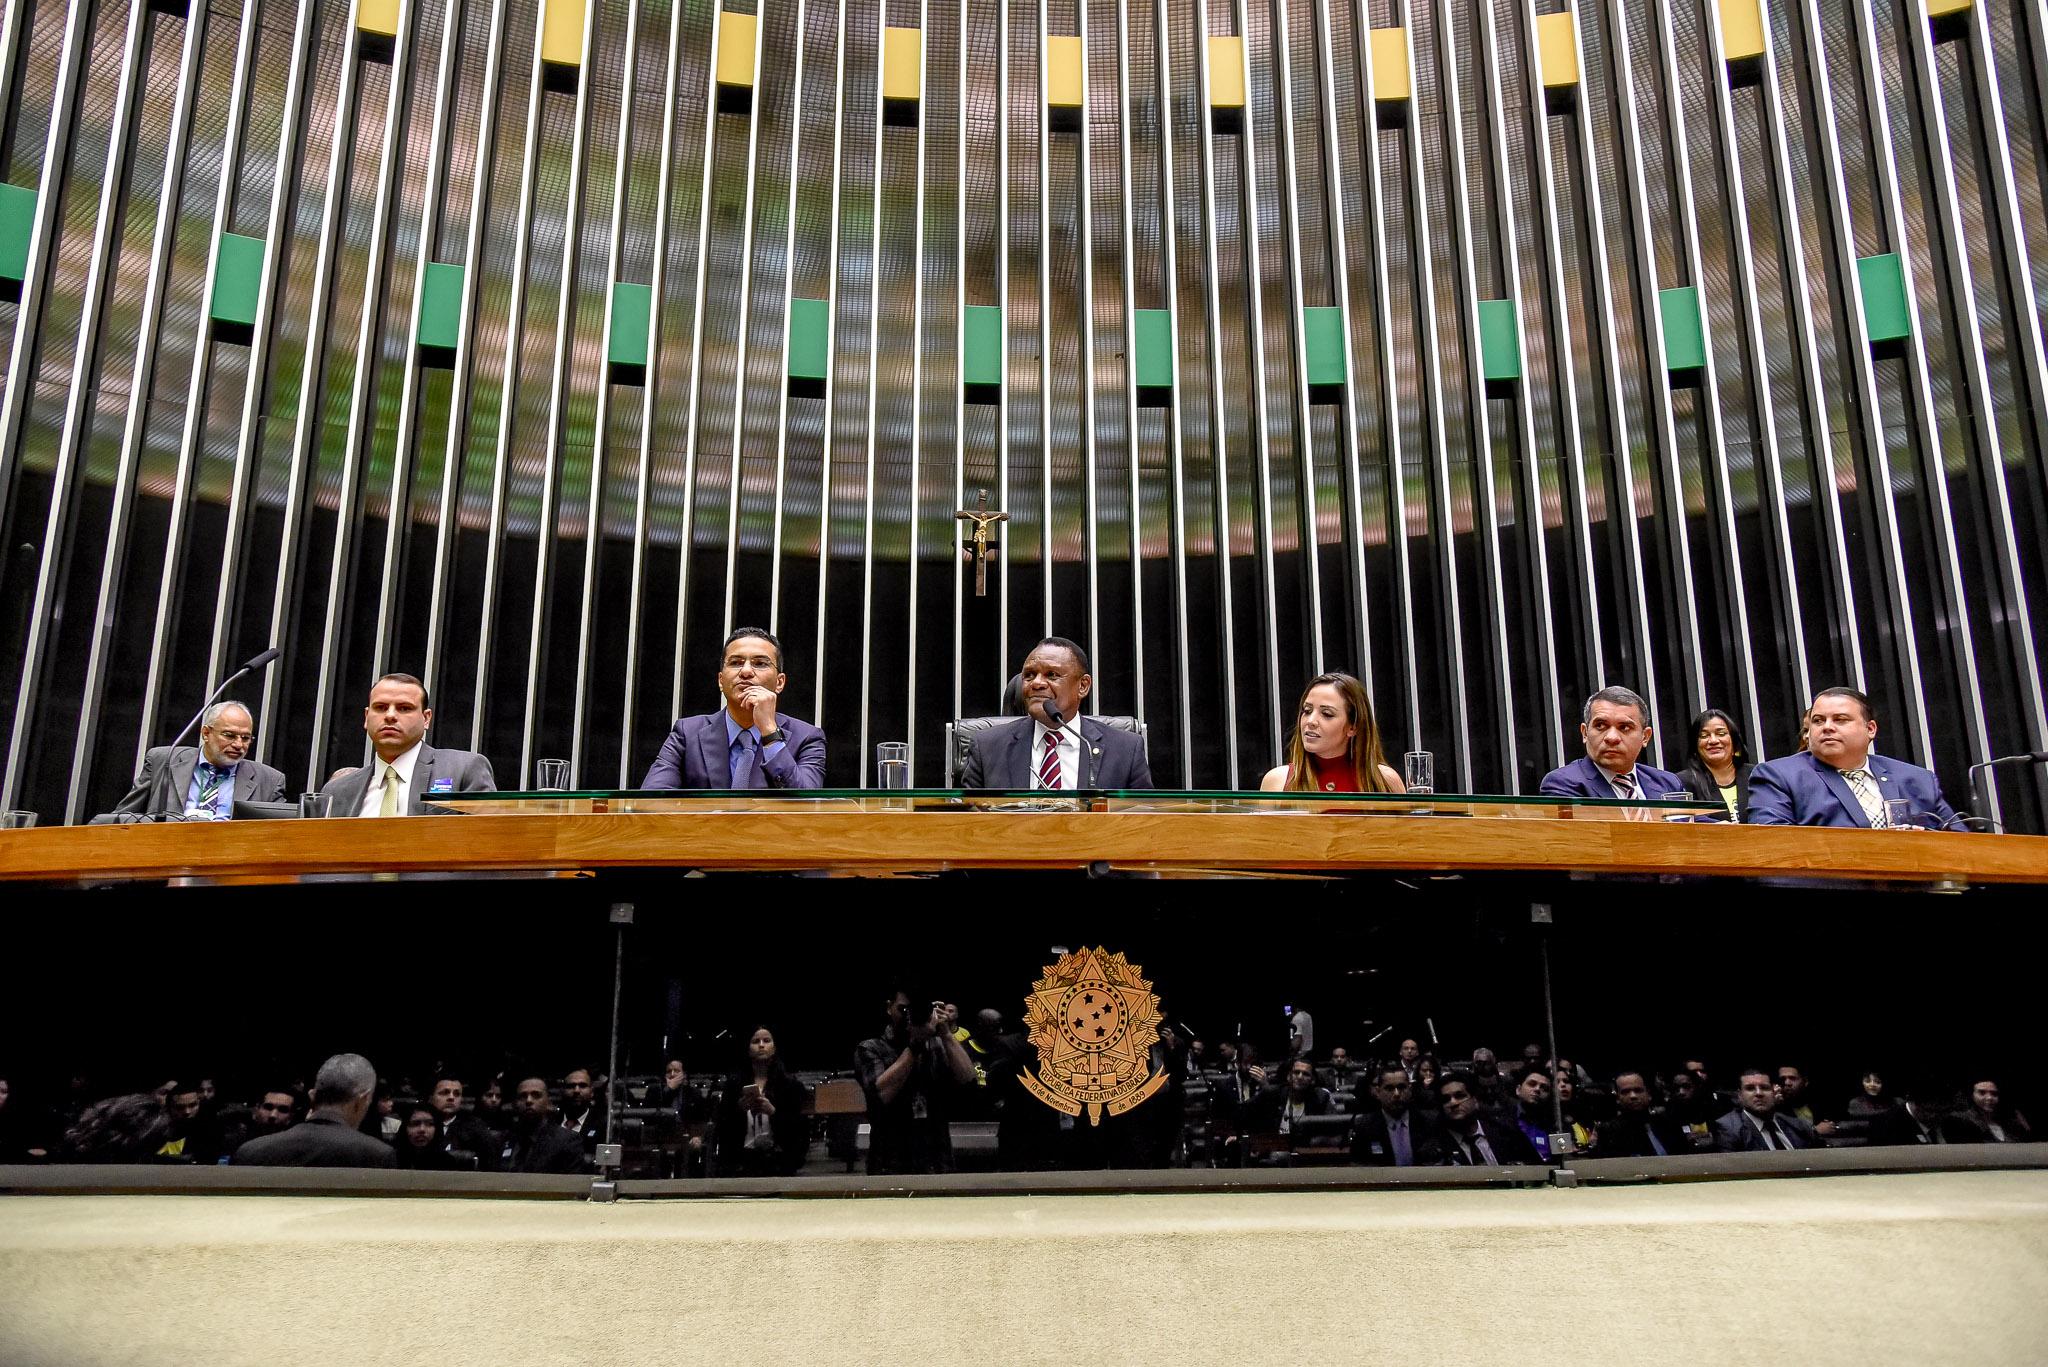 Ossesio Silva debate desafios da juventude em sessão solene na Câmara